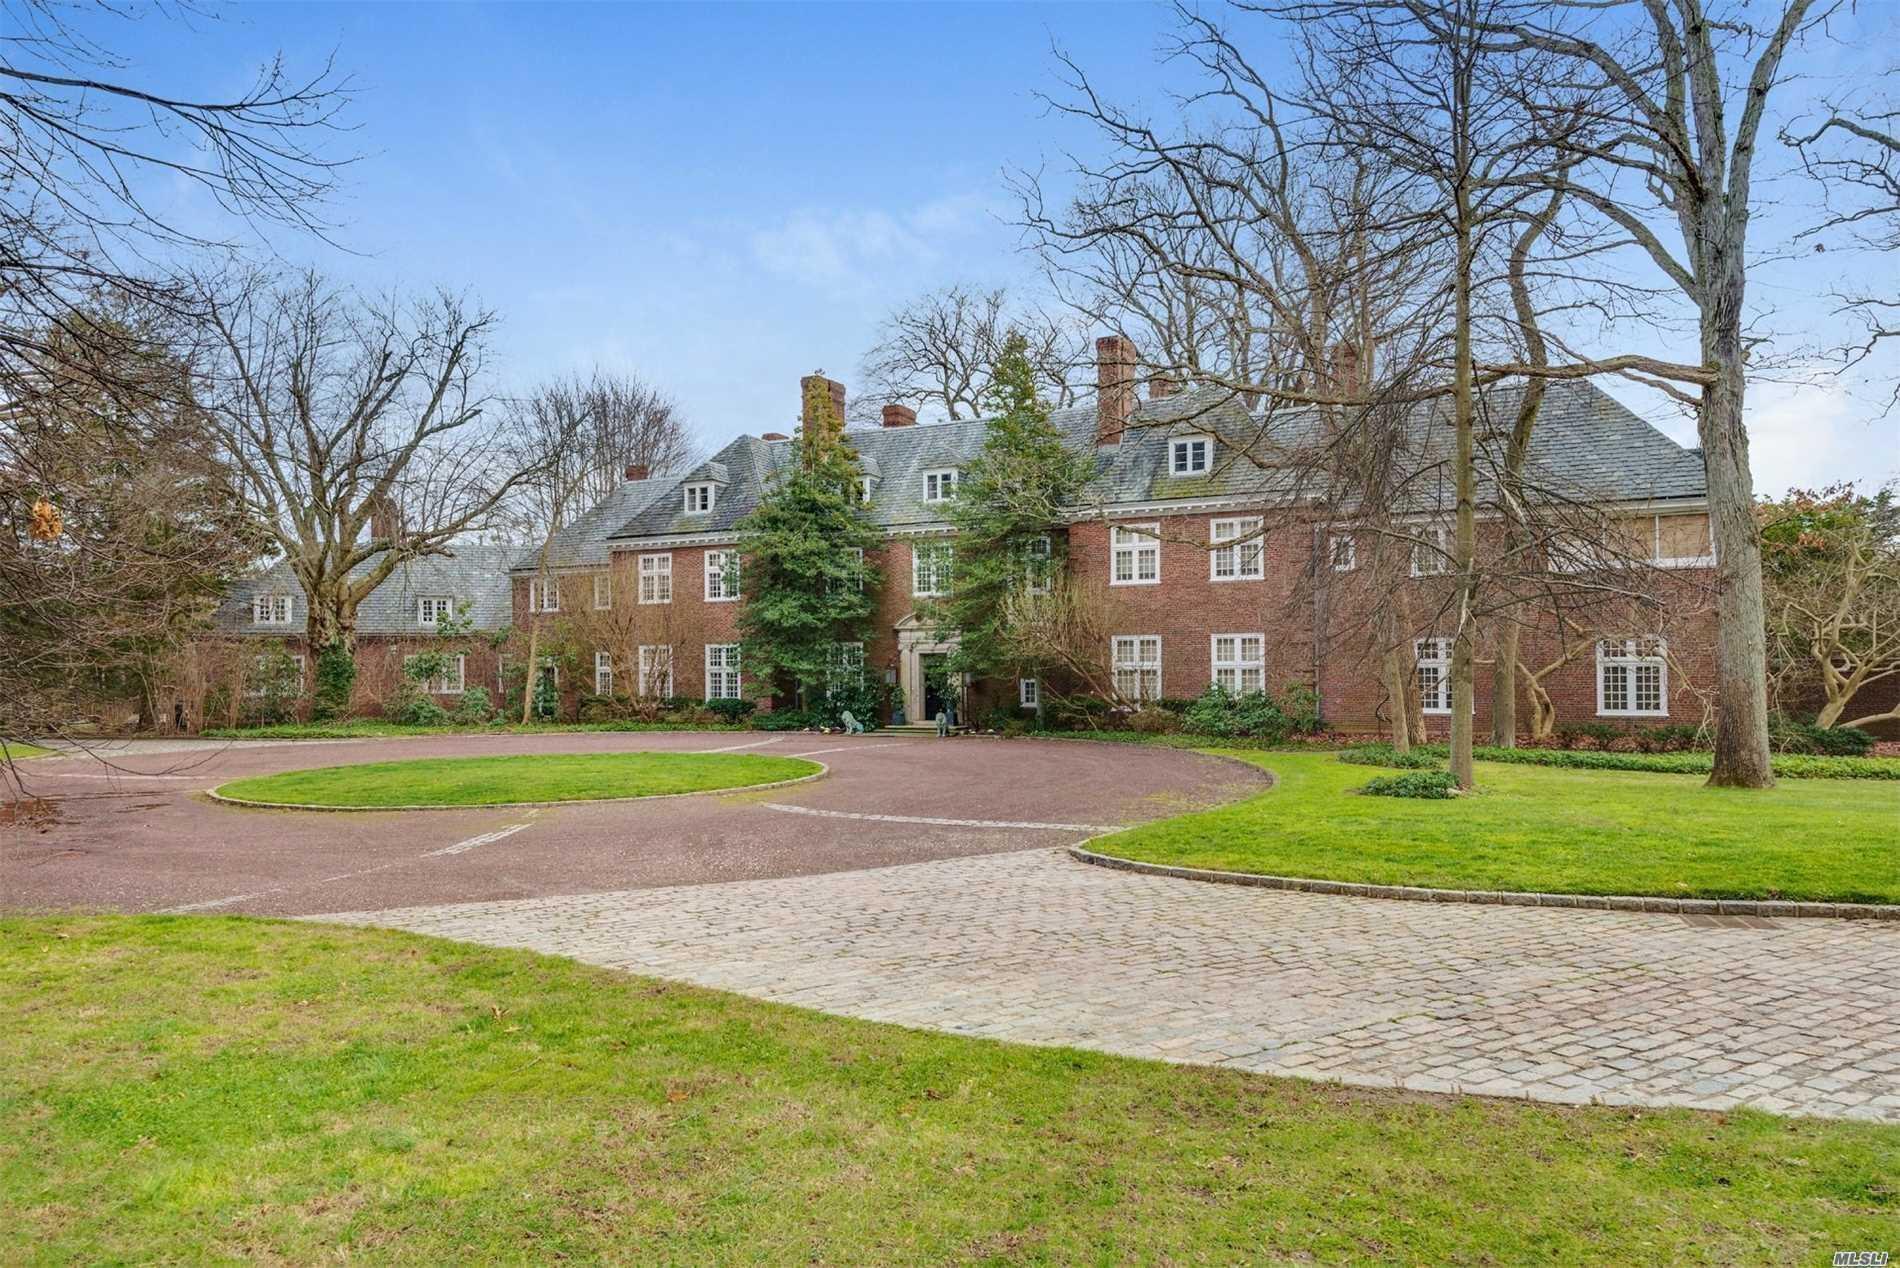 Property for sale at 11 Evans Dr, Brookville,  NY 11545